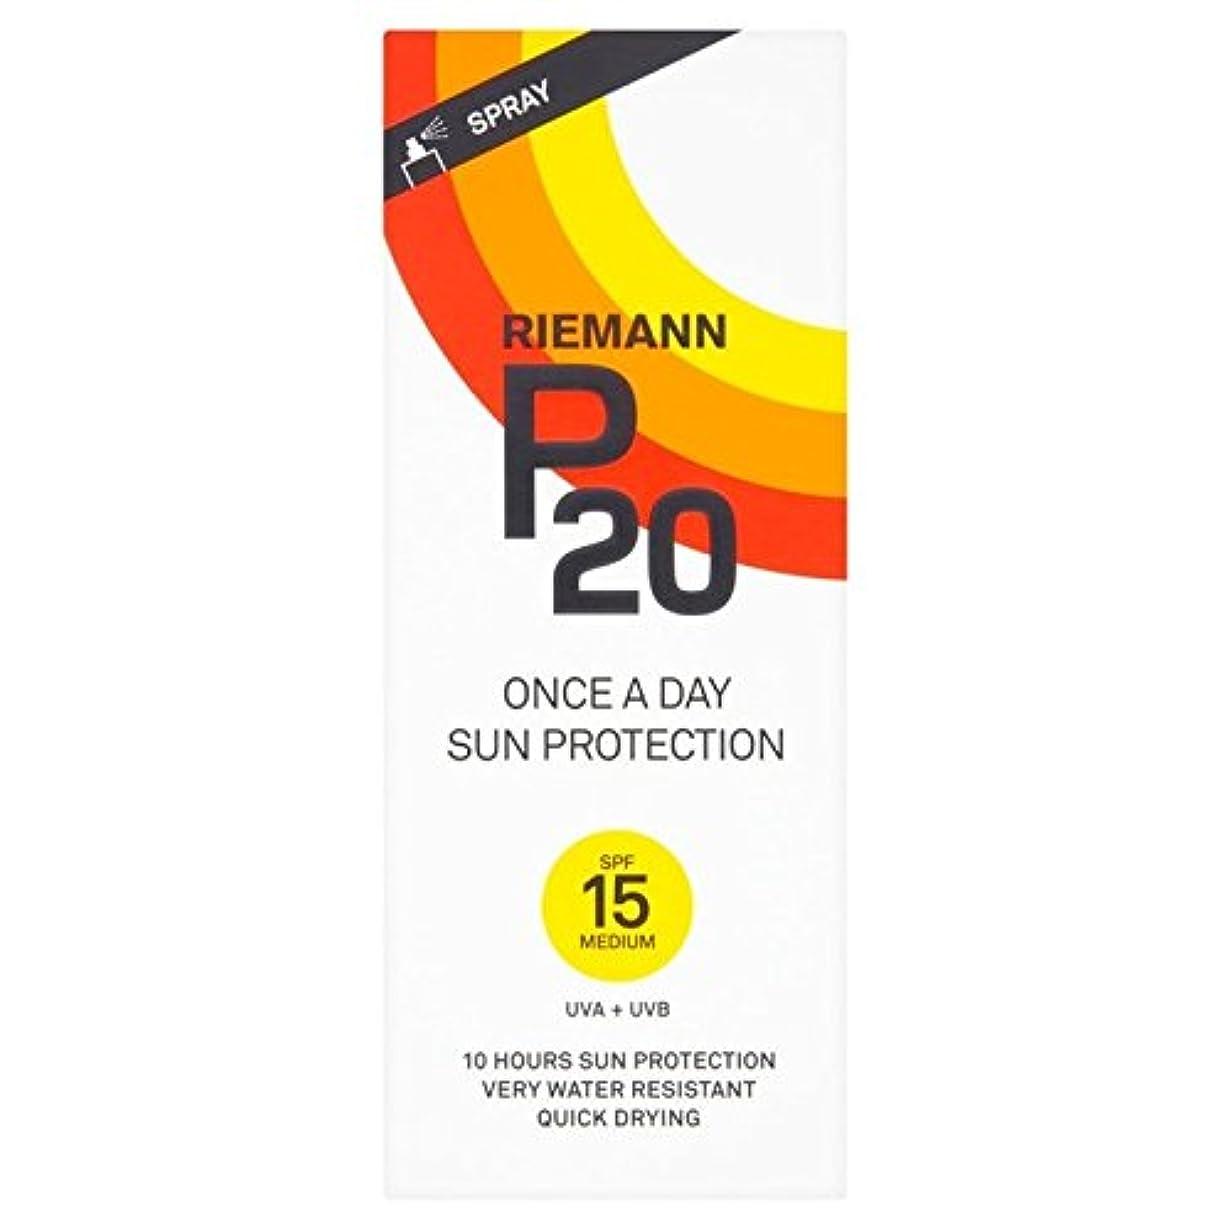 年次オート熟読Riemann P20 SPF15 1 Day/10 Hour Protection 200ml (Pack of 6) - リーマン20 15 1日/ 10時間の保護200ミリリットル x6 [並行輸入品]